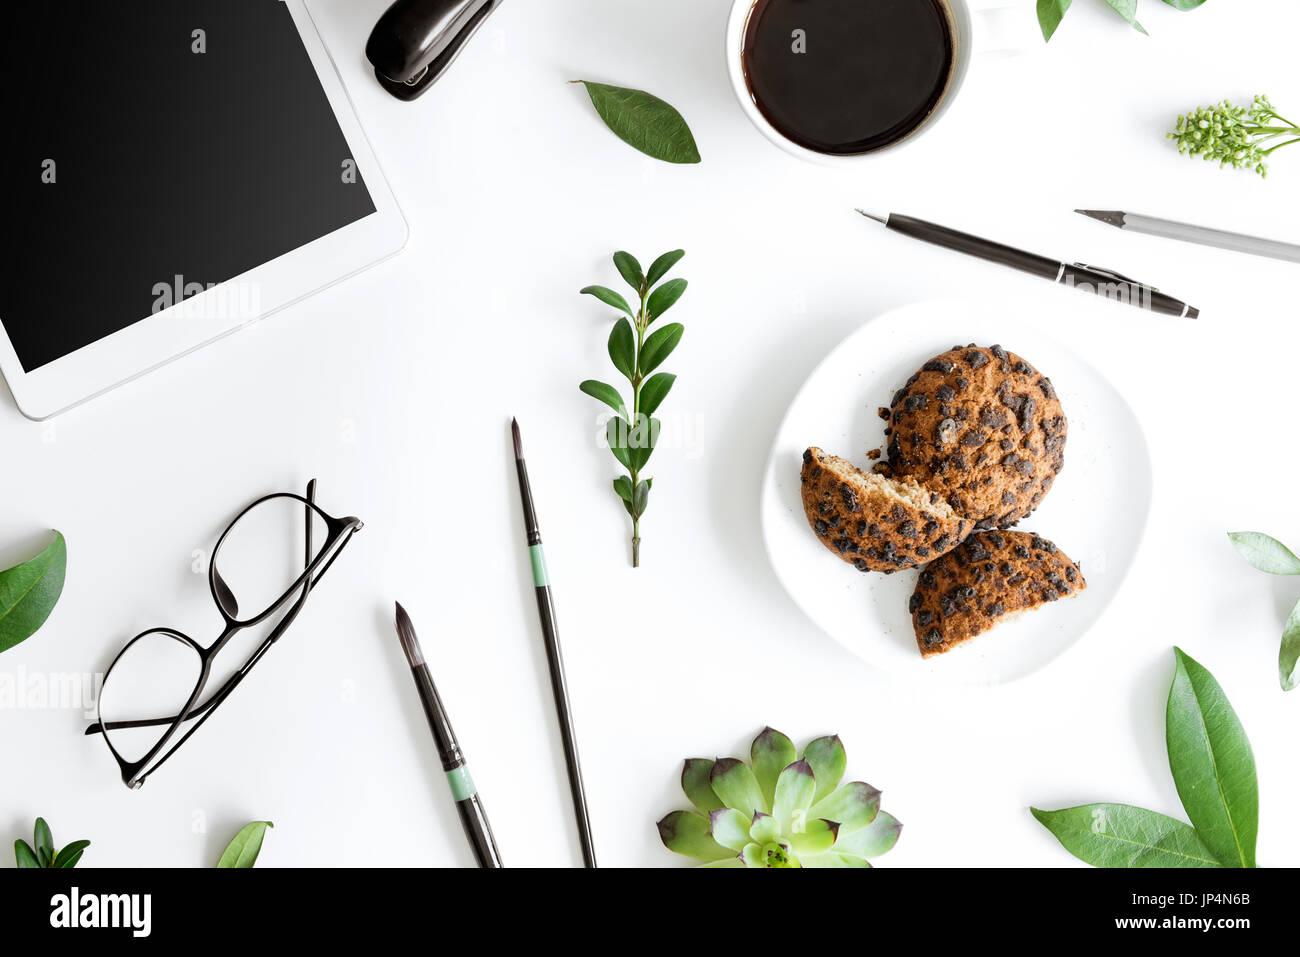 Vista superior de la tableta digital, cookies y suministros de oficina aislado en blanco, el concepto de comunicación inalámbrica Imagen De Stock